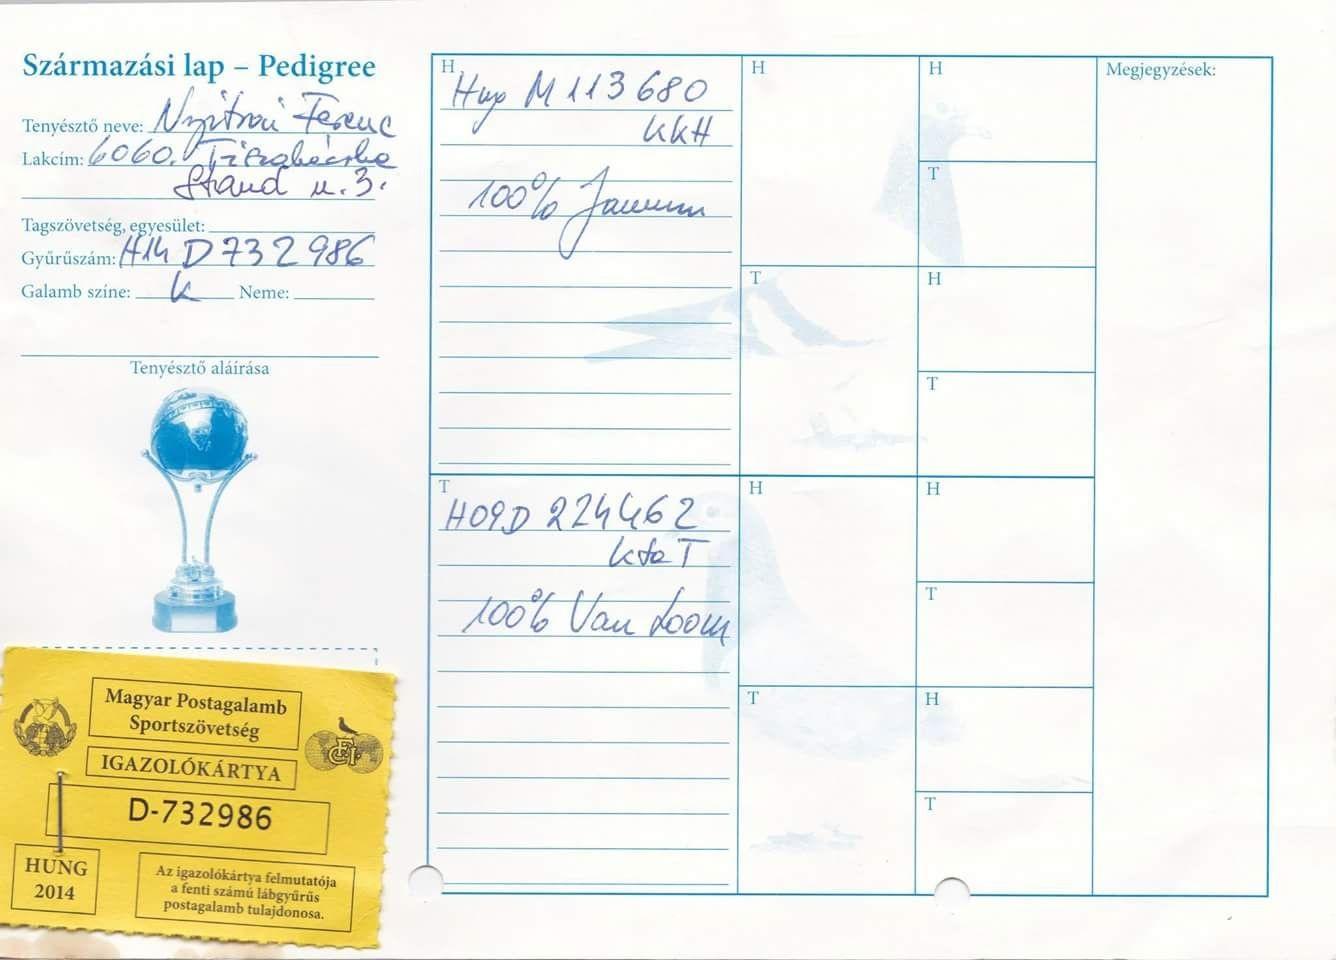 CHN20-0866917 - A. DIJSTRA  - GABY VANDENABEELE - JANSSEN - VAN LOON